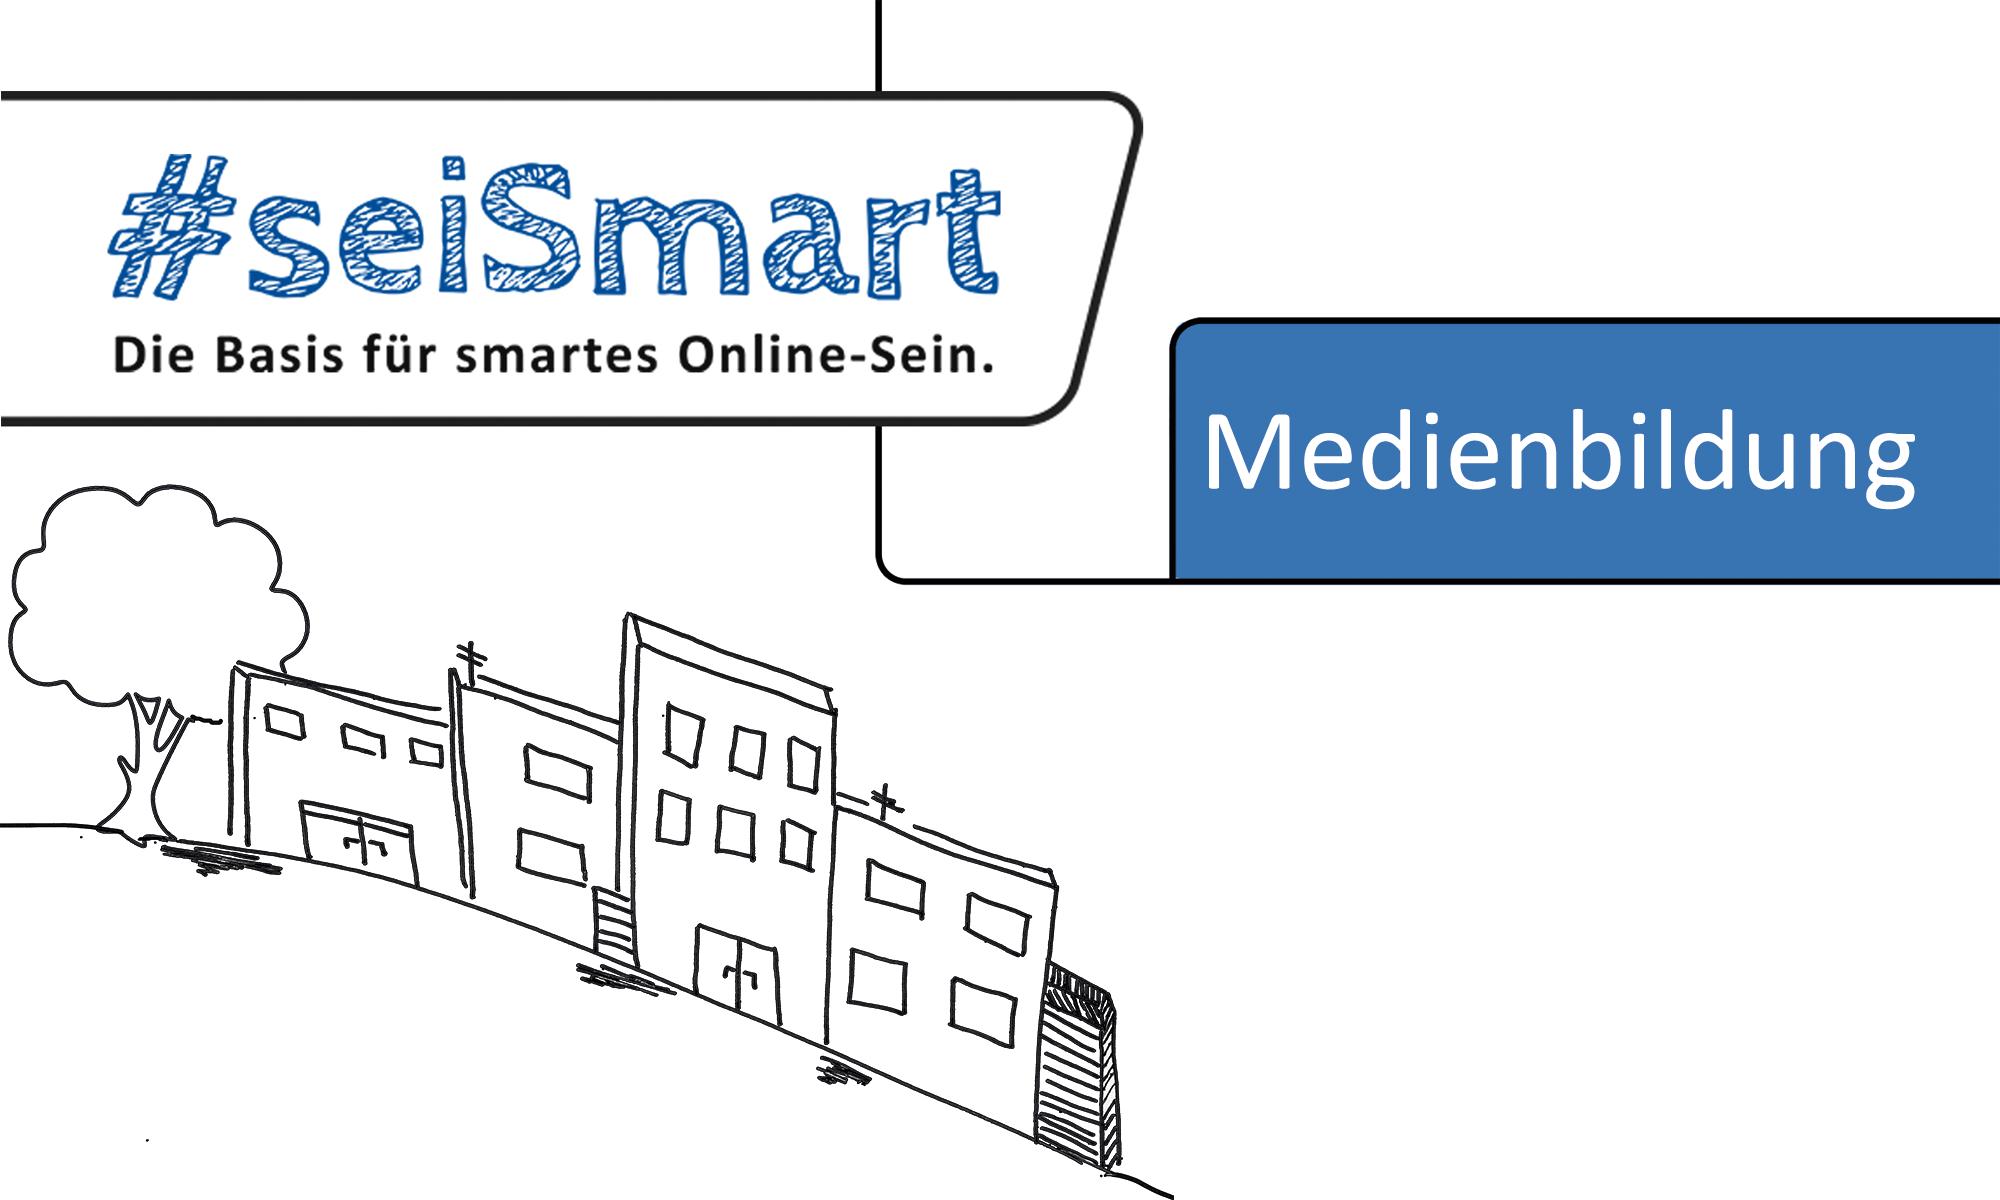 #seiSmart